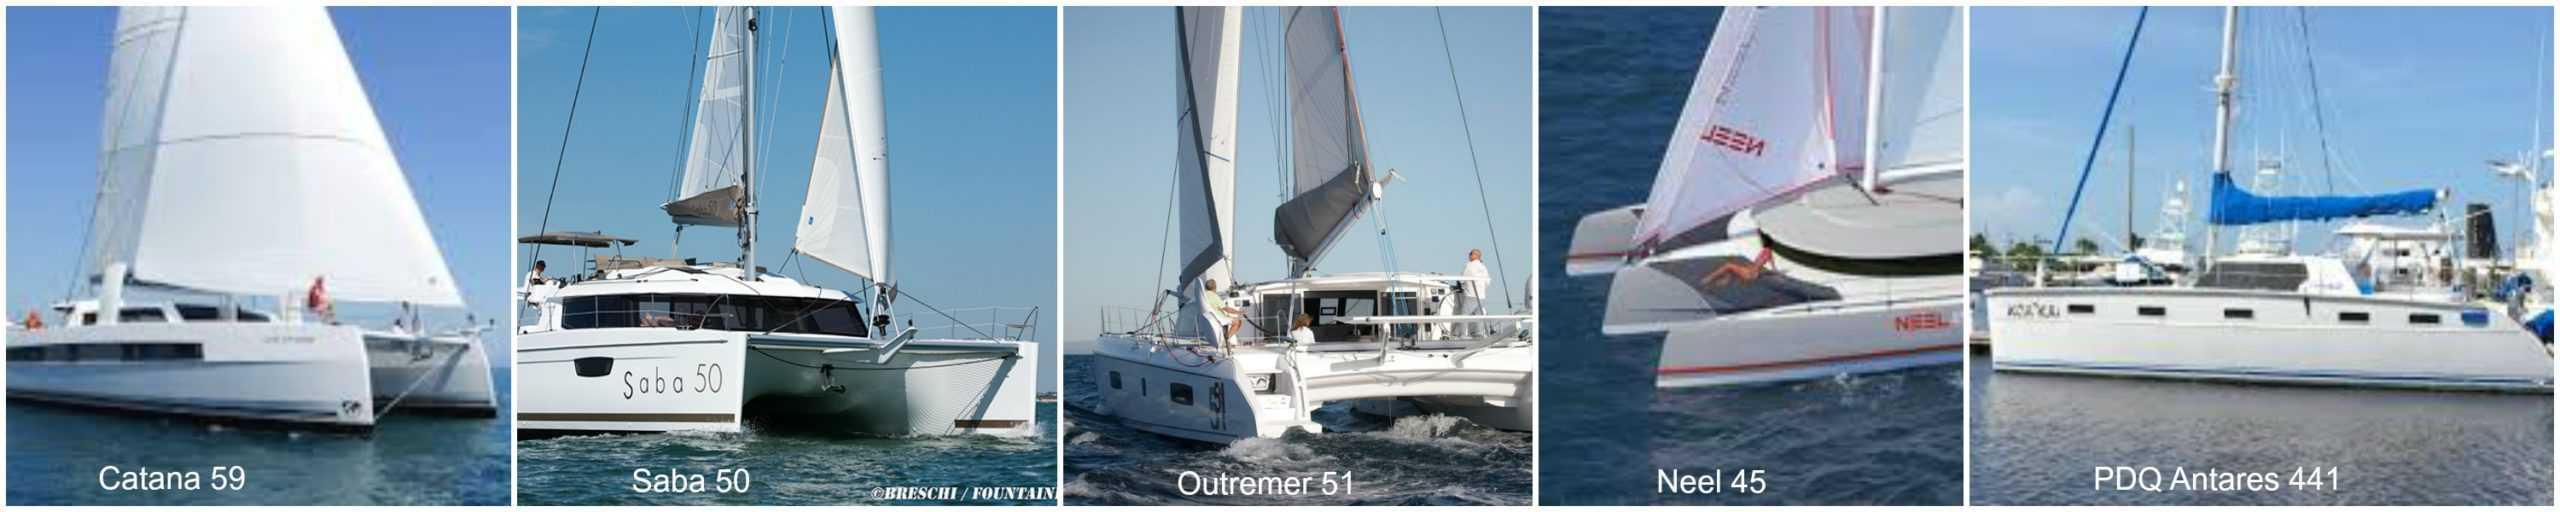 Best Catamarans 2014